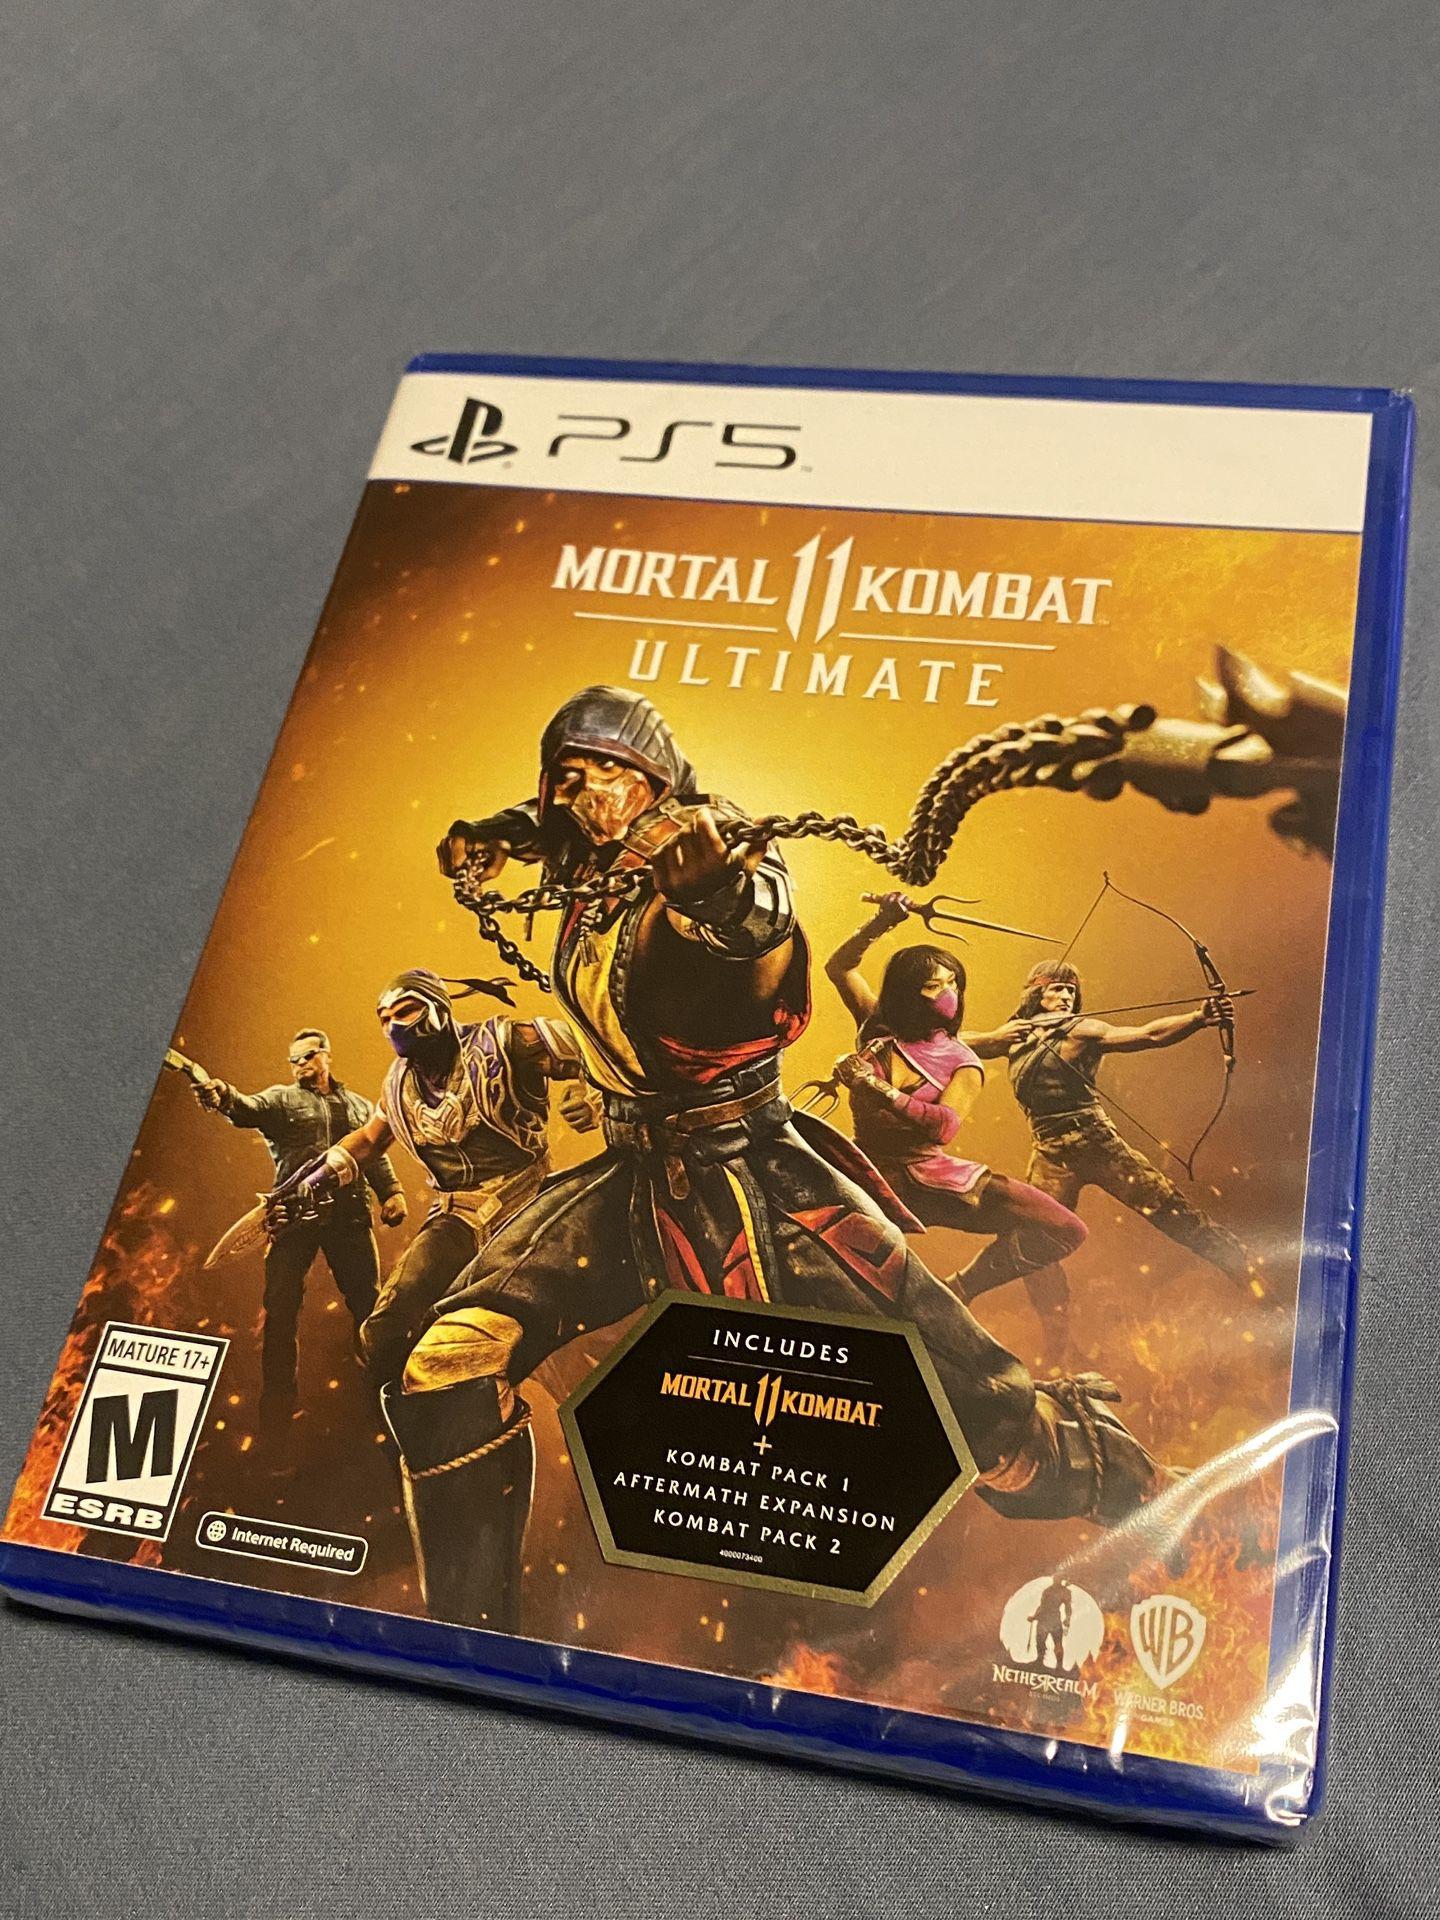 Mortal Kombat Ultimate II